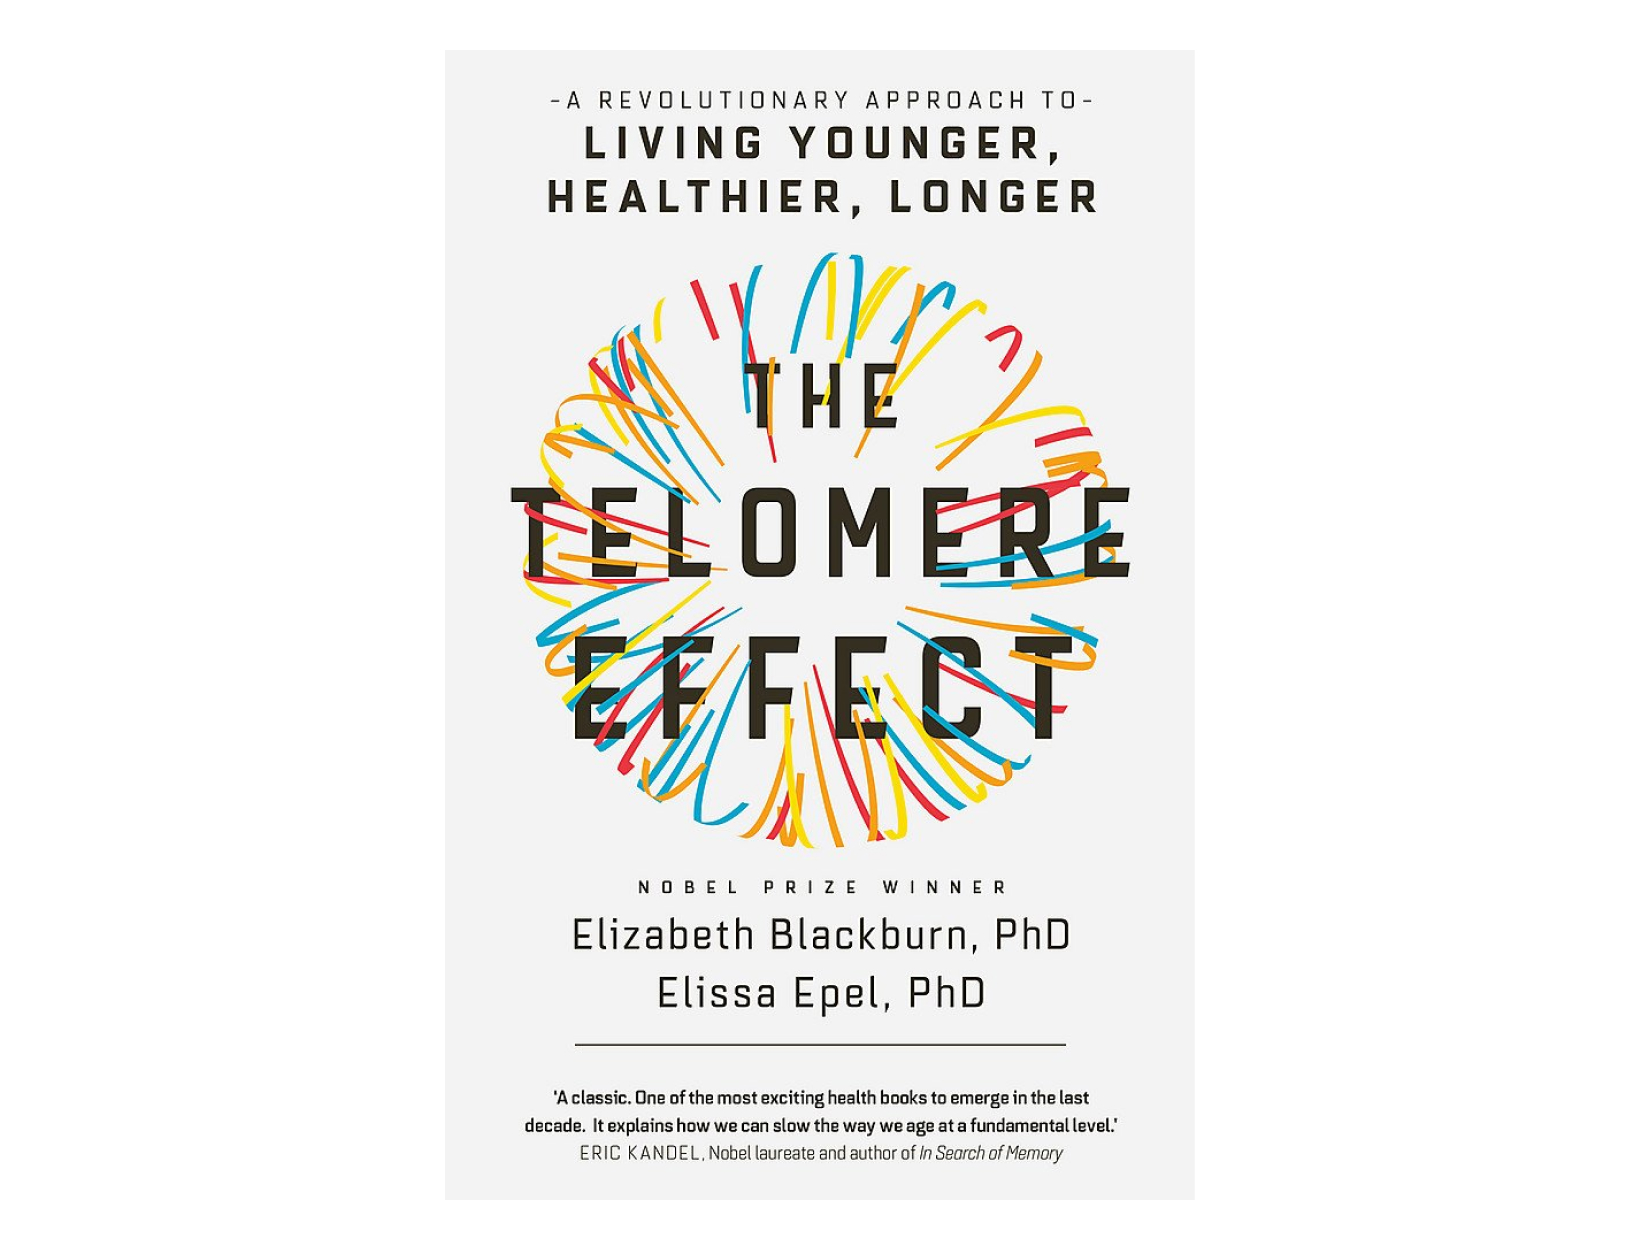 <em>The Telomere Effect</em> by Elizabeth Blackburn, PhD, and Elissa Epel, PhD